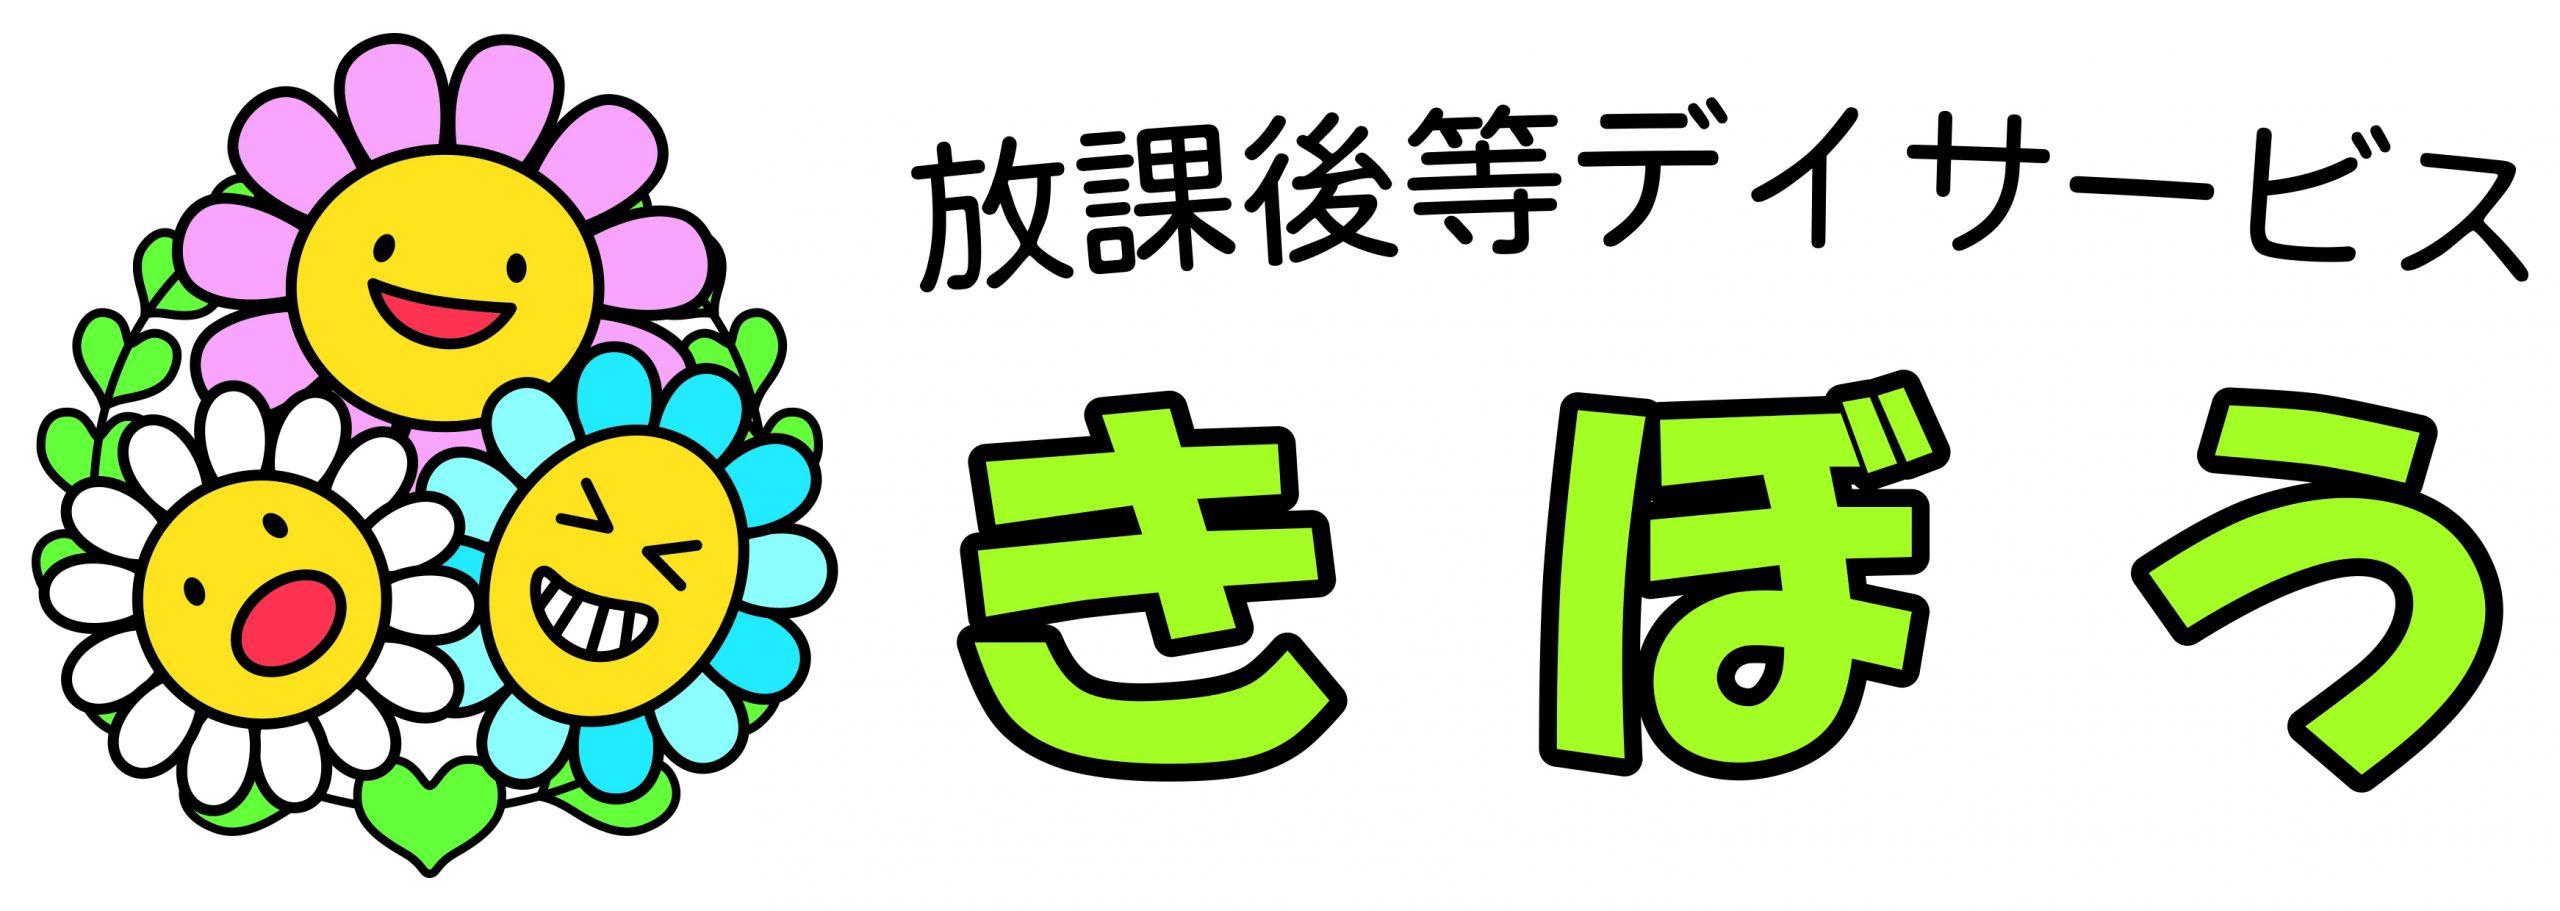 放課後等デイサービスきぼう東岩槻